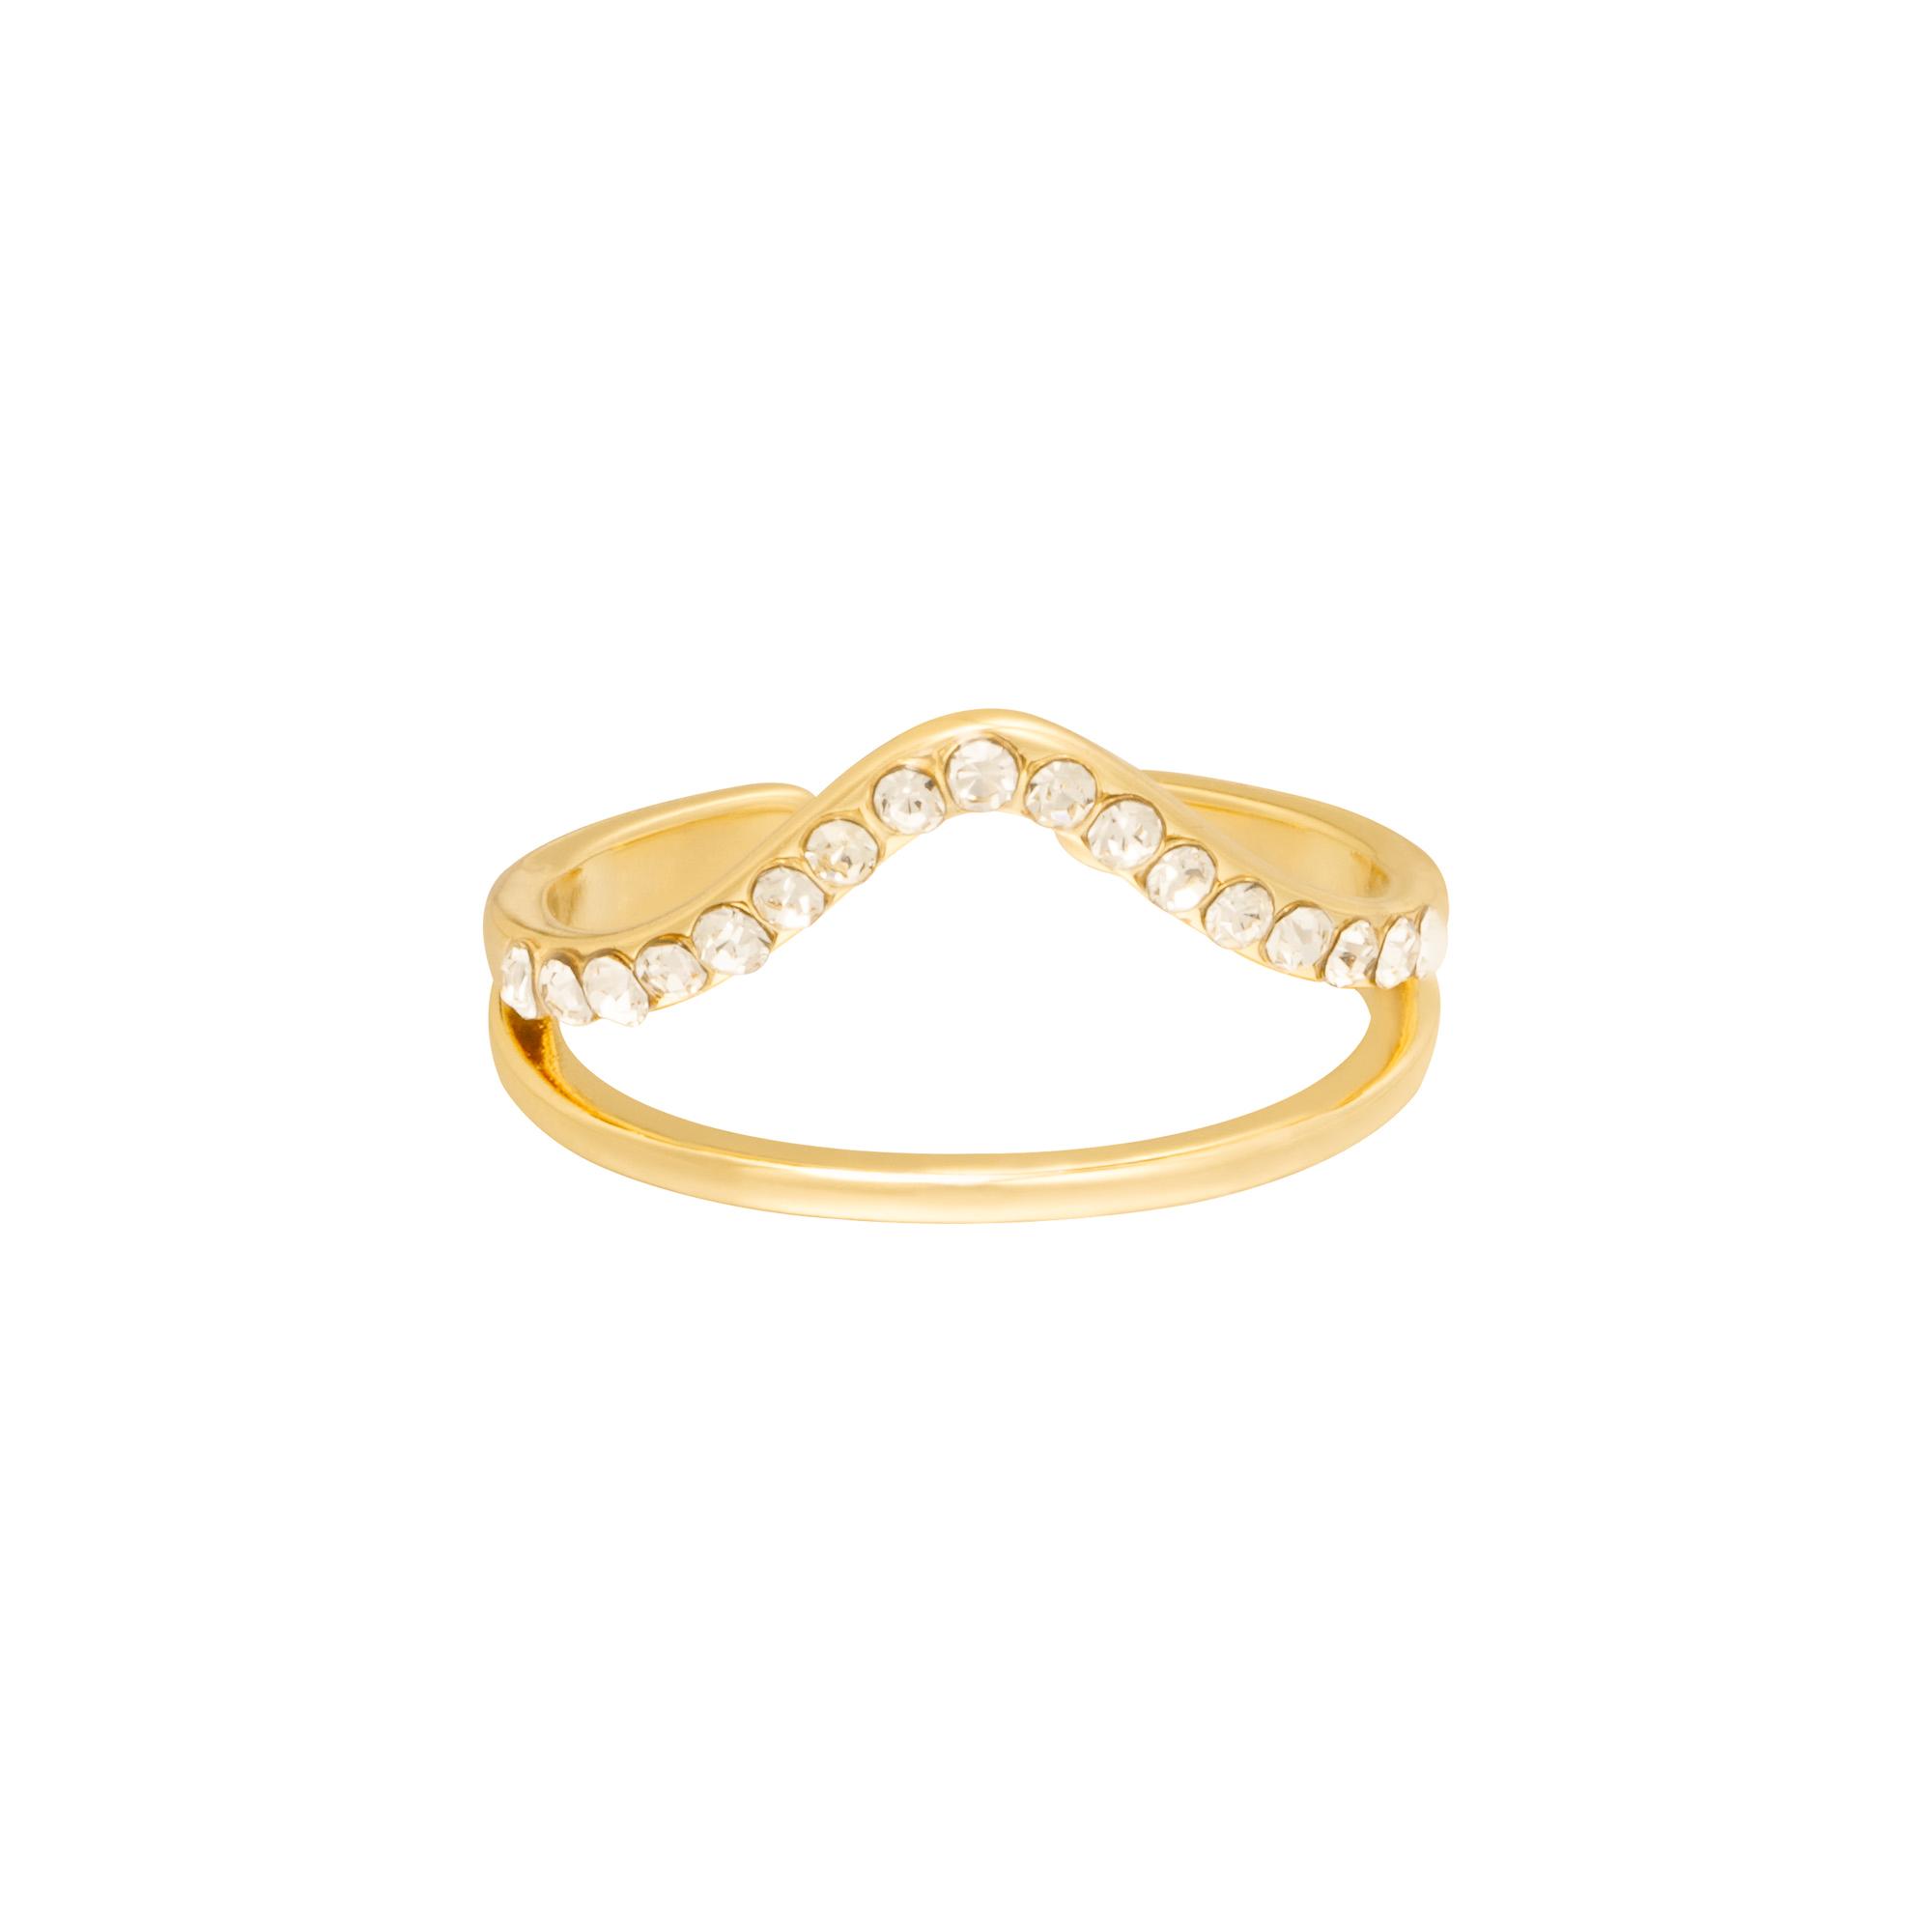 Ring regal